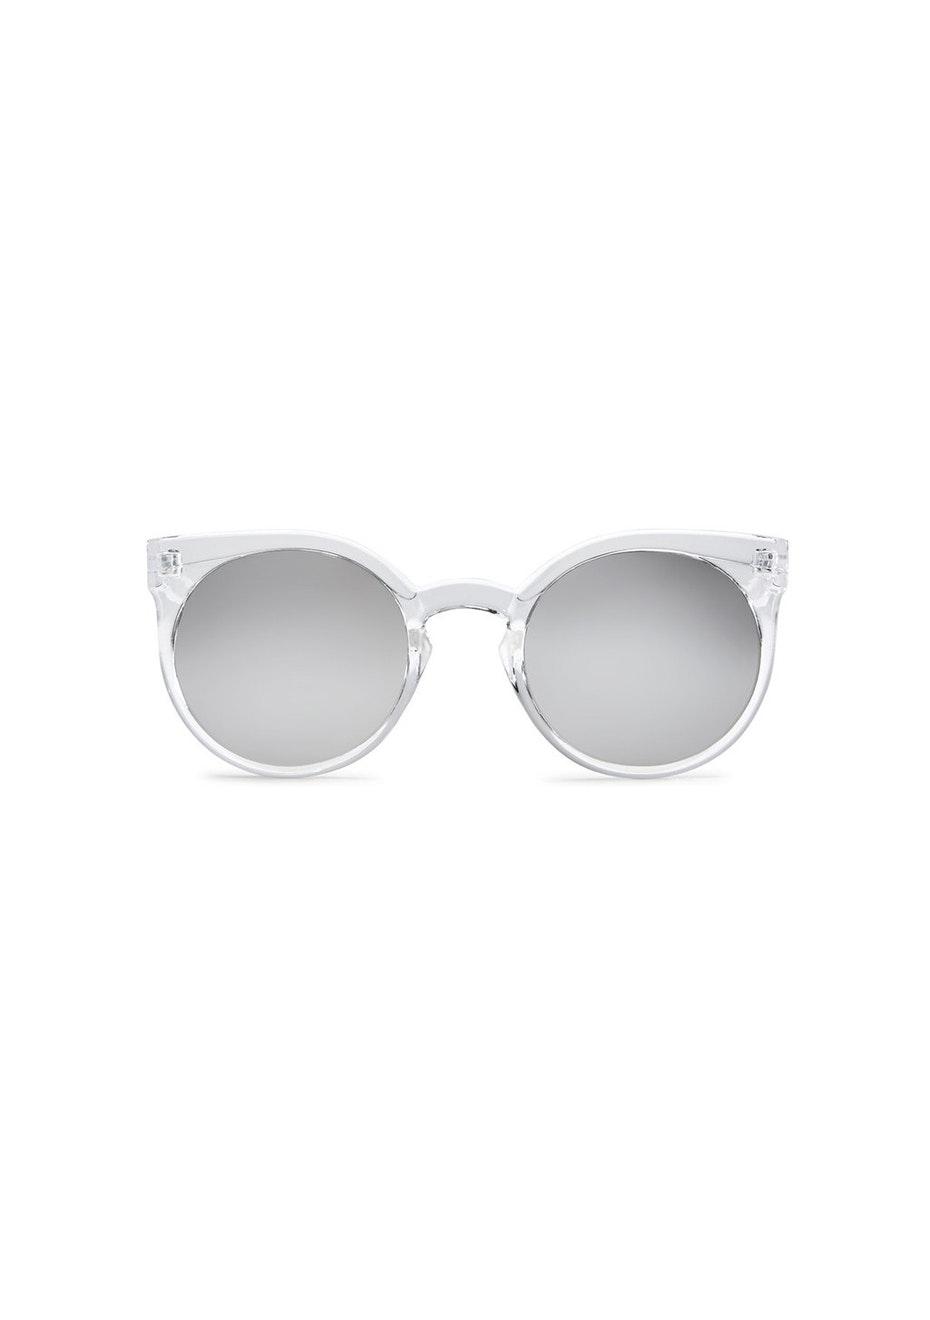 Quay - Kosha - Clear / Silver Mirror